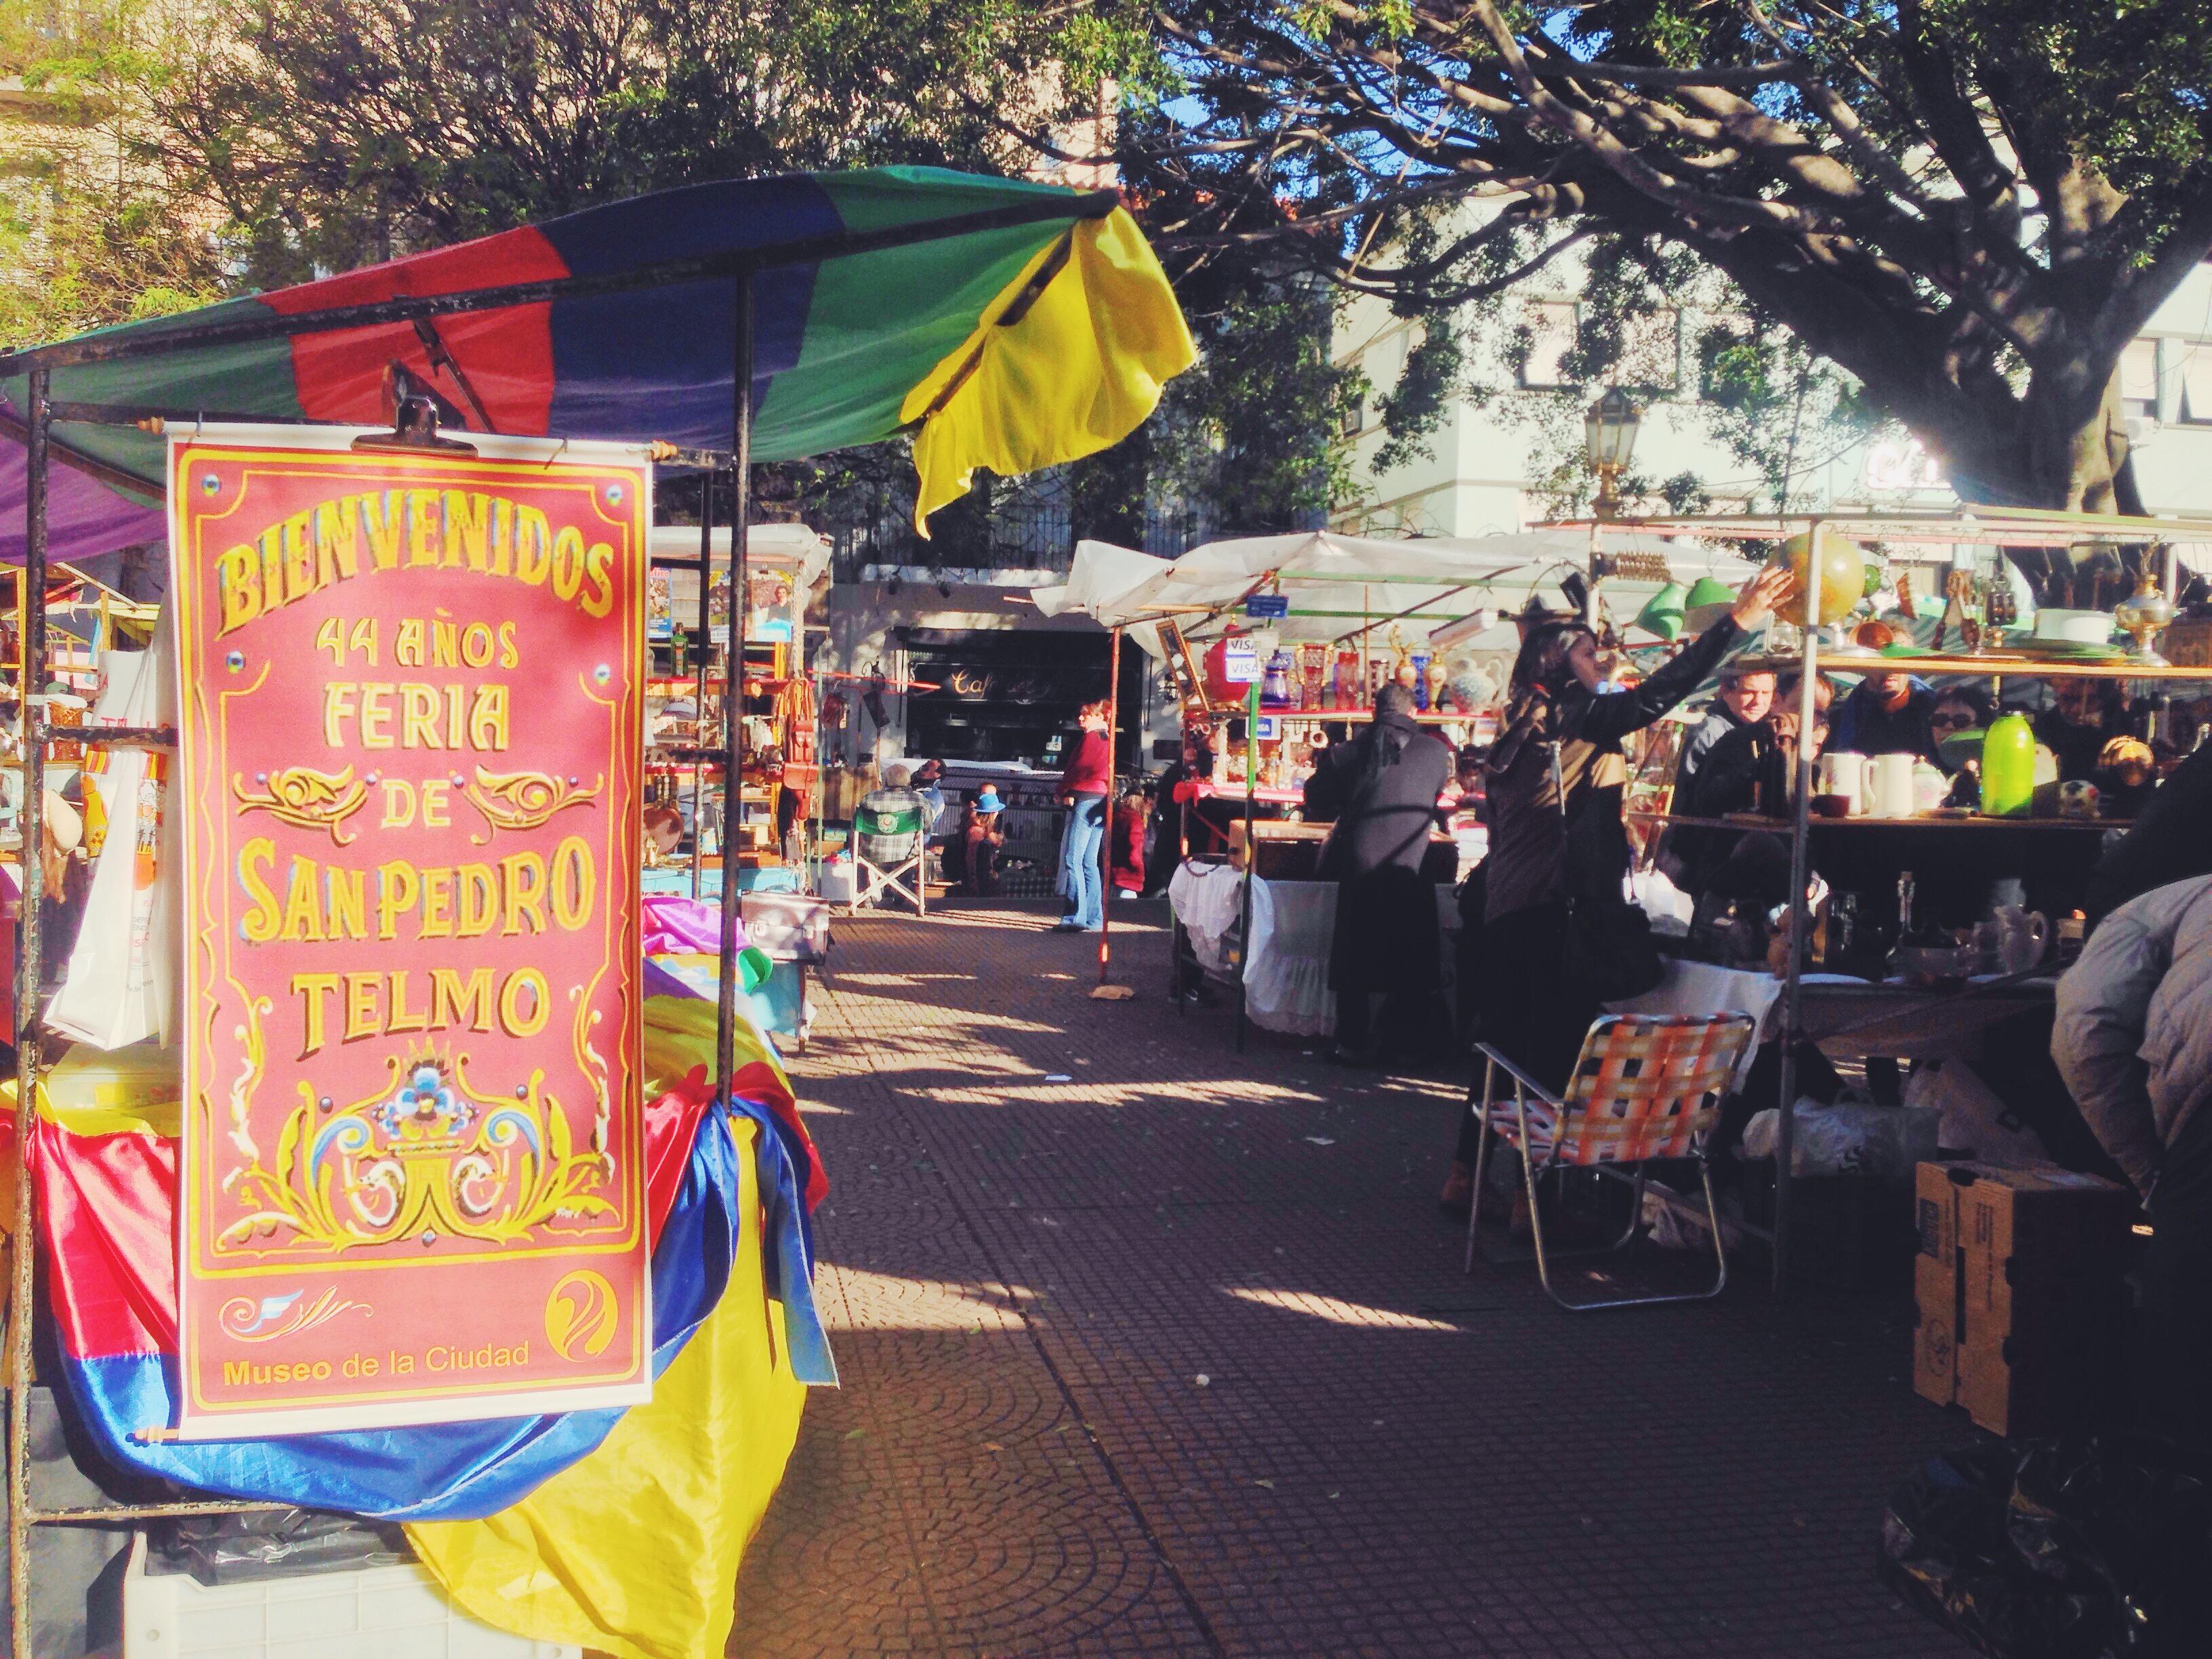 Cosa vedere a Buenos Aires - Il quartiere di San Telmo e la feria della domenica